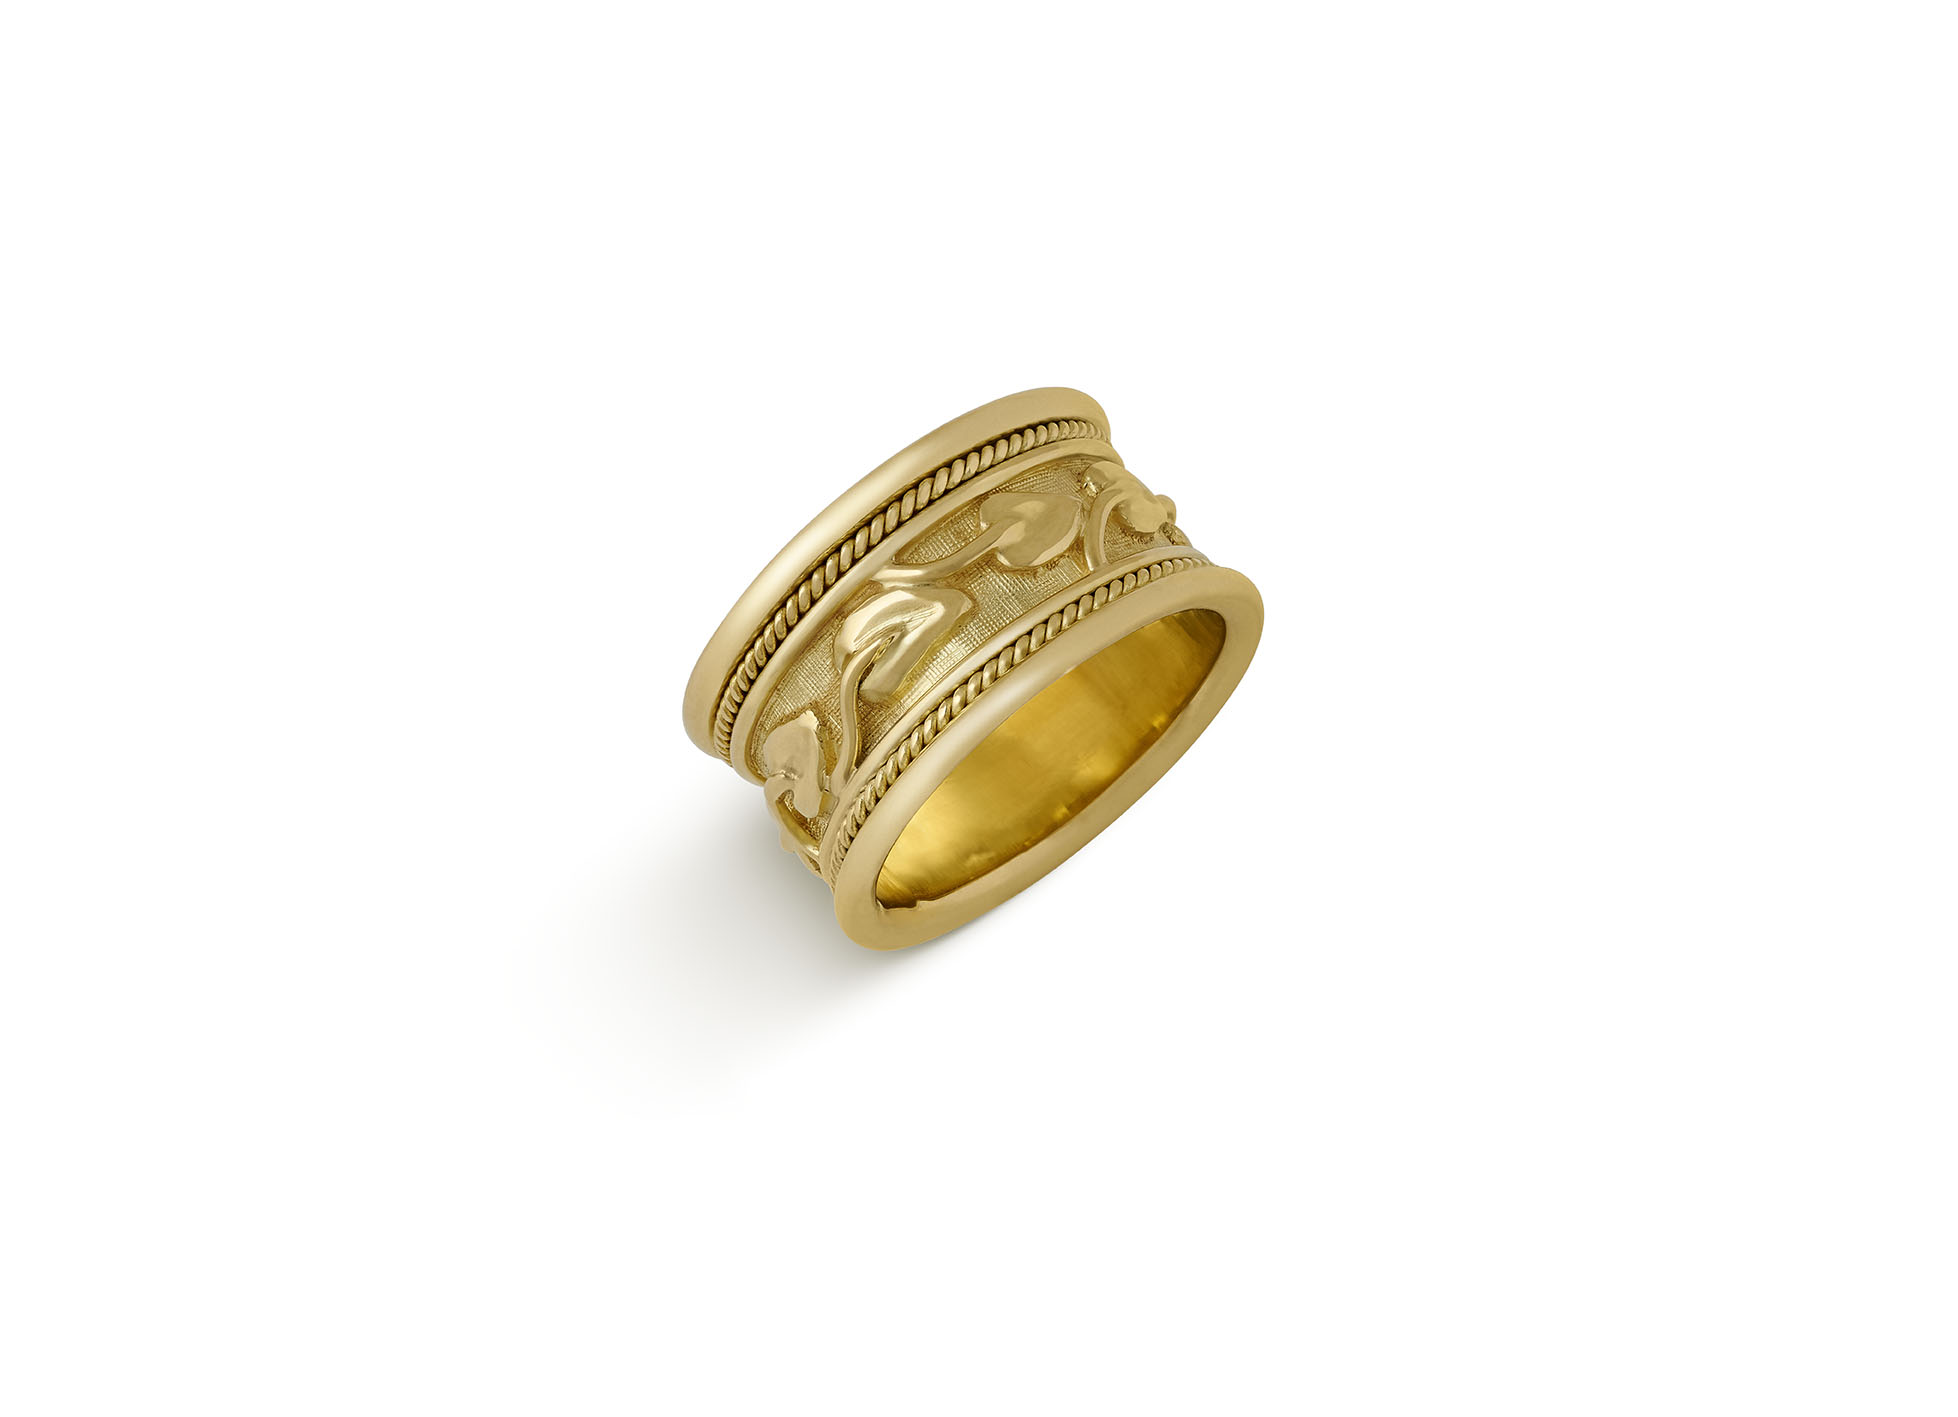 Myrtle Leaf Gold Band Ring